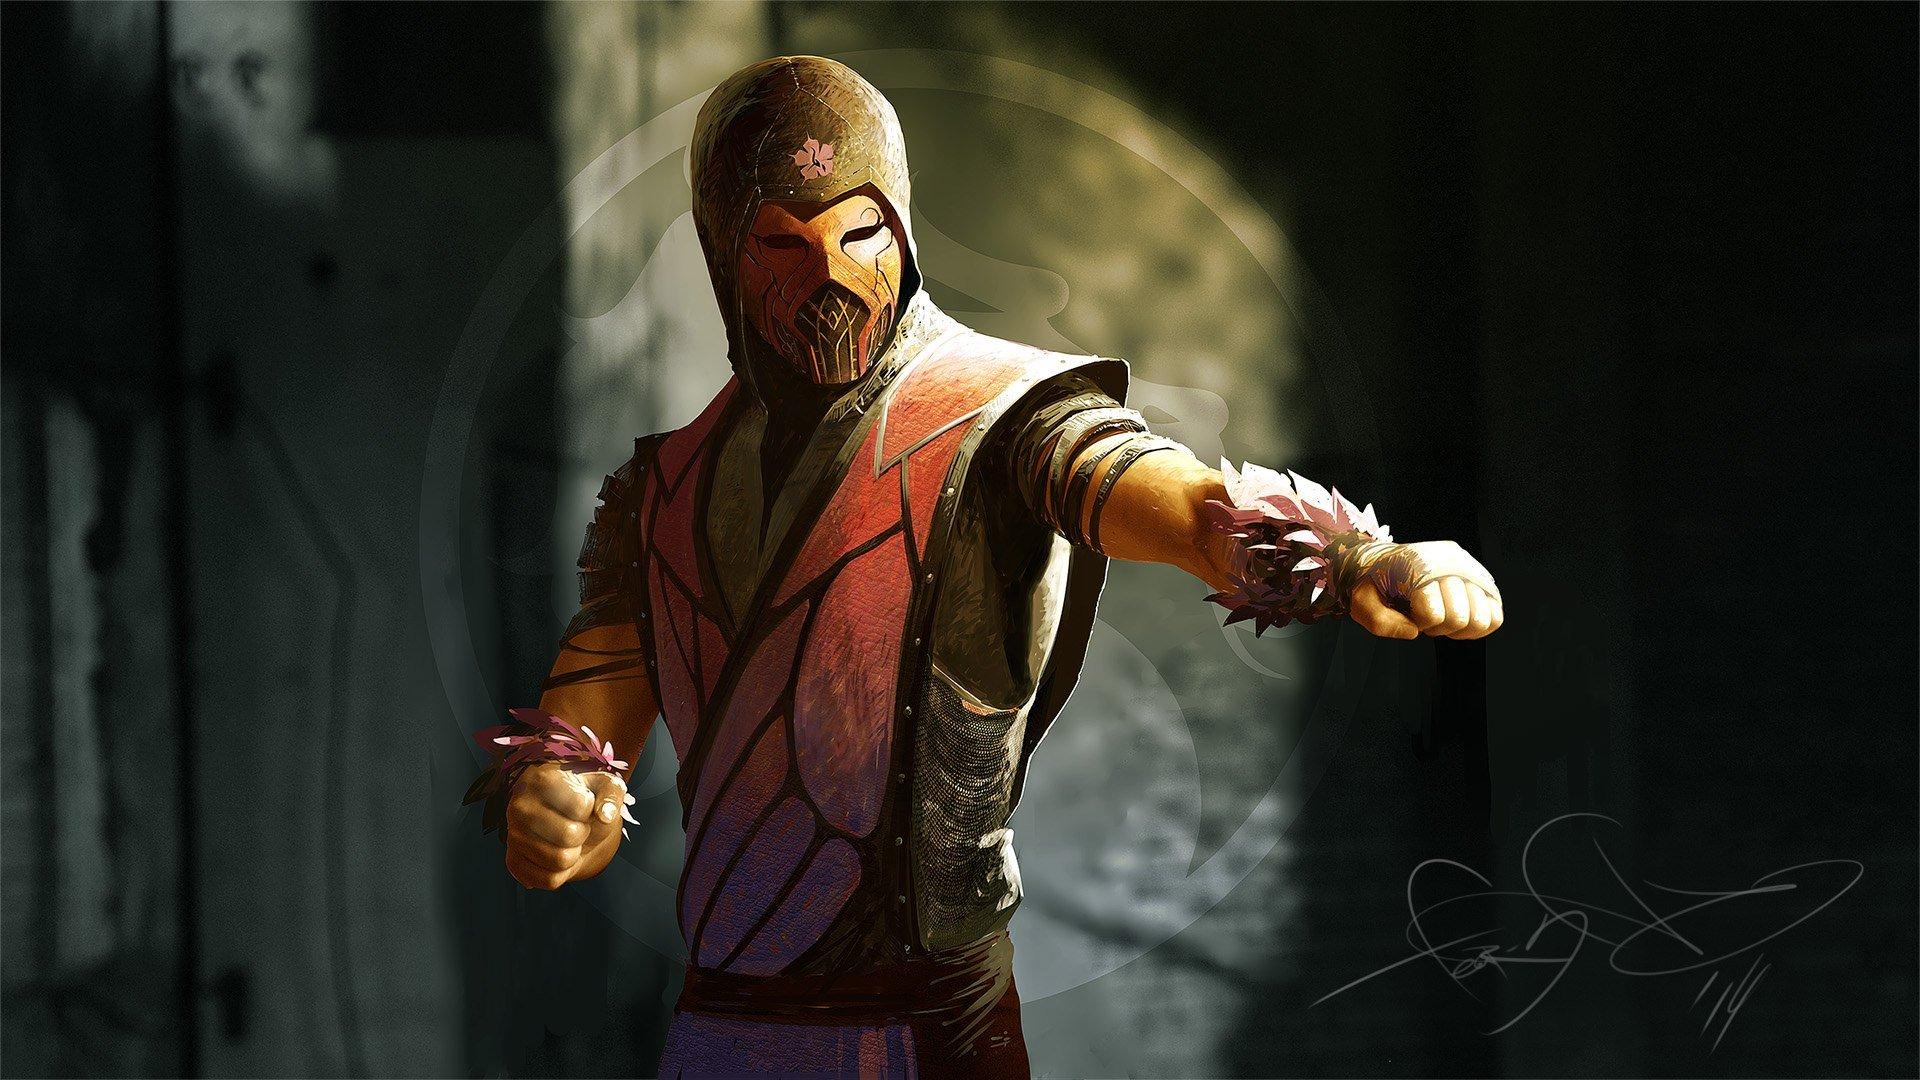 Art-Подборка Mortal Кombat. - Изображение 8